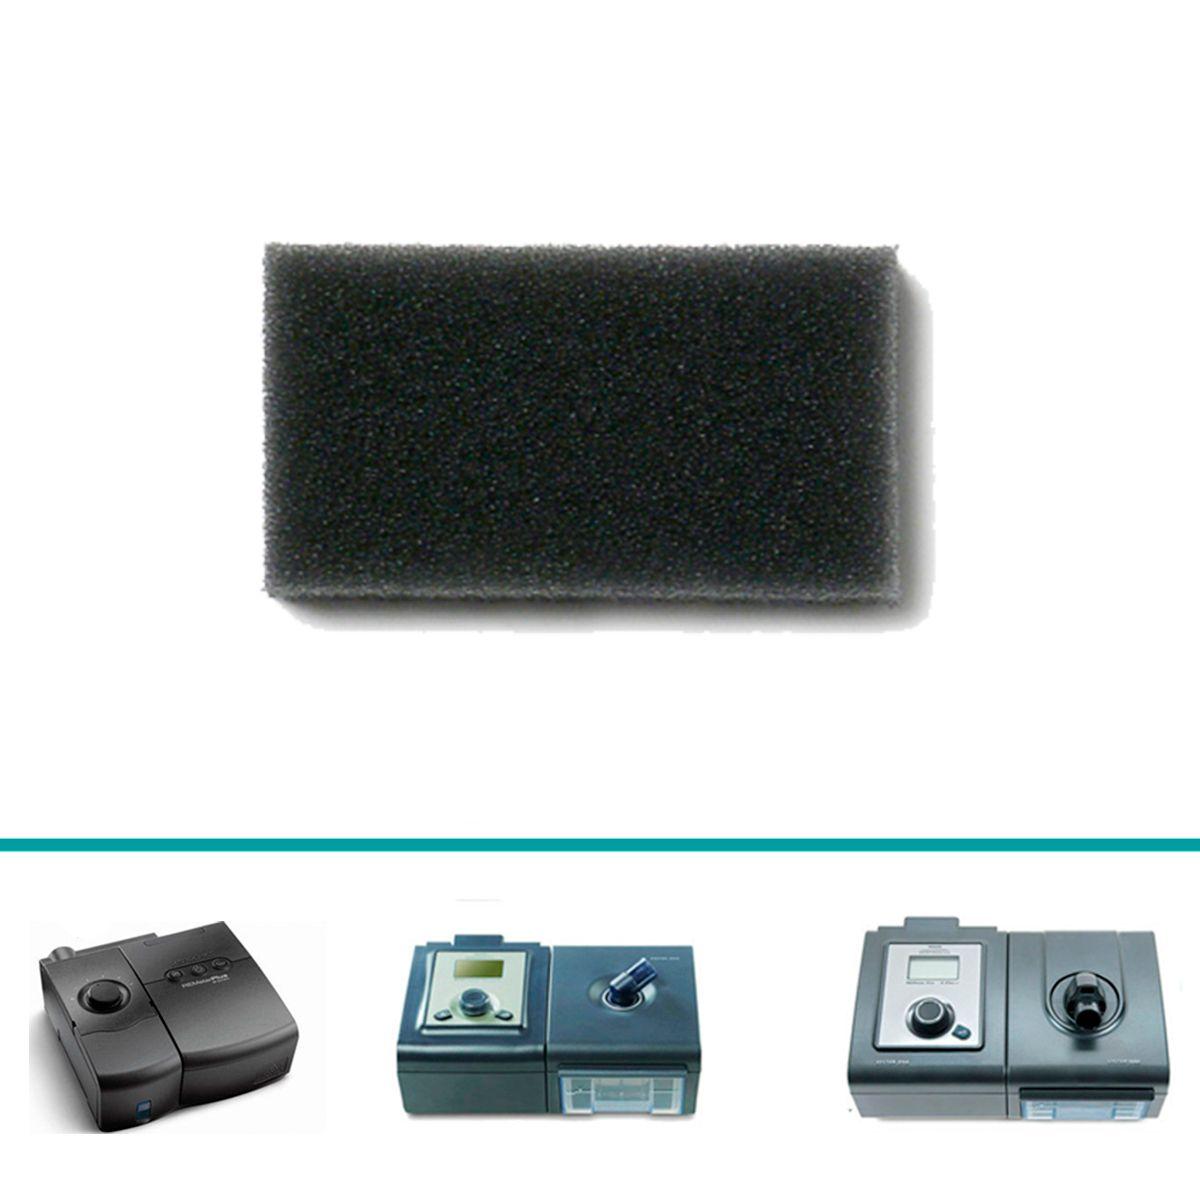 Filtro Espuma para CPAP e BiPAP Mseries (1 unidade) (2cm x 4cm) - Nacional